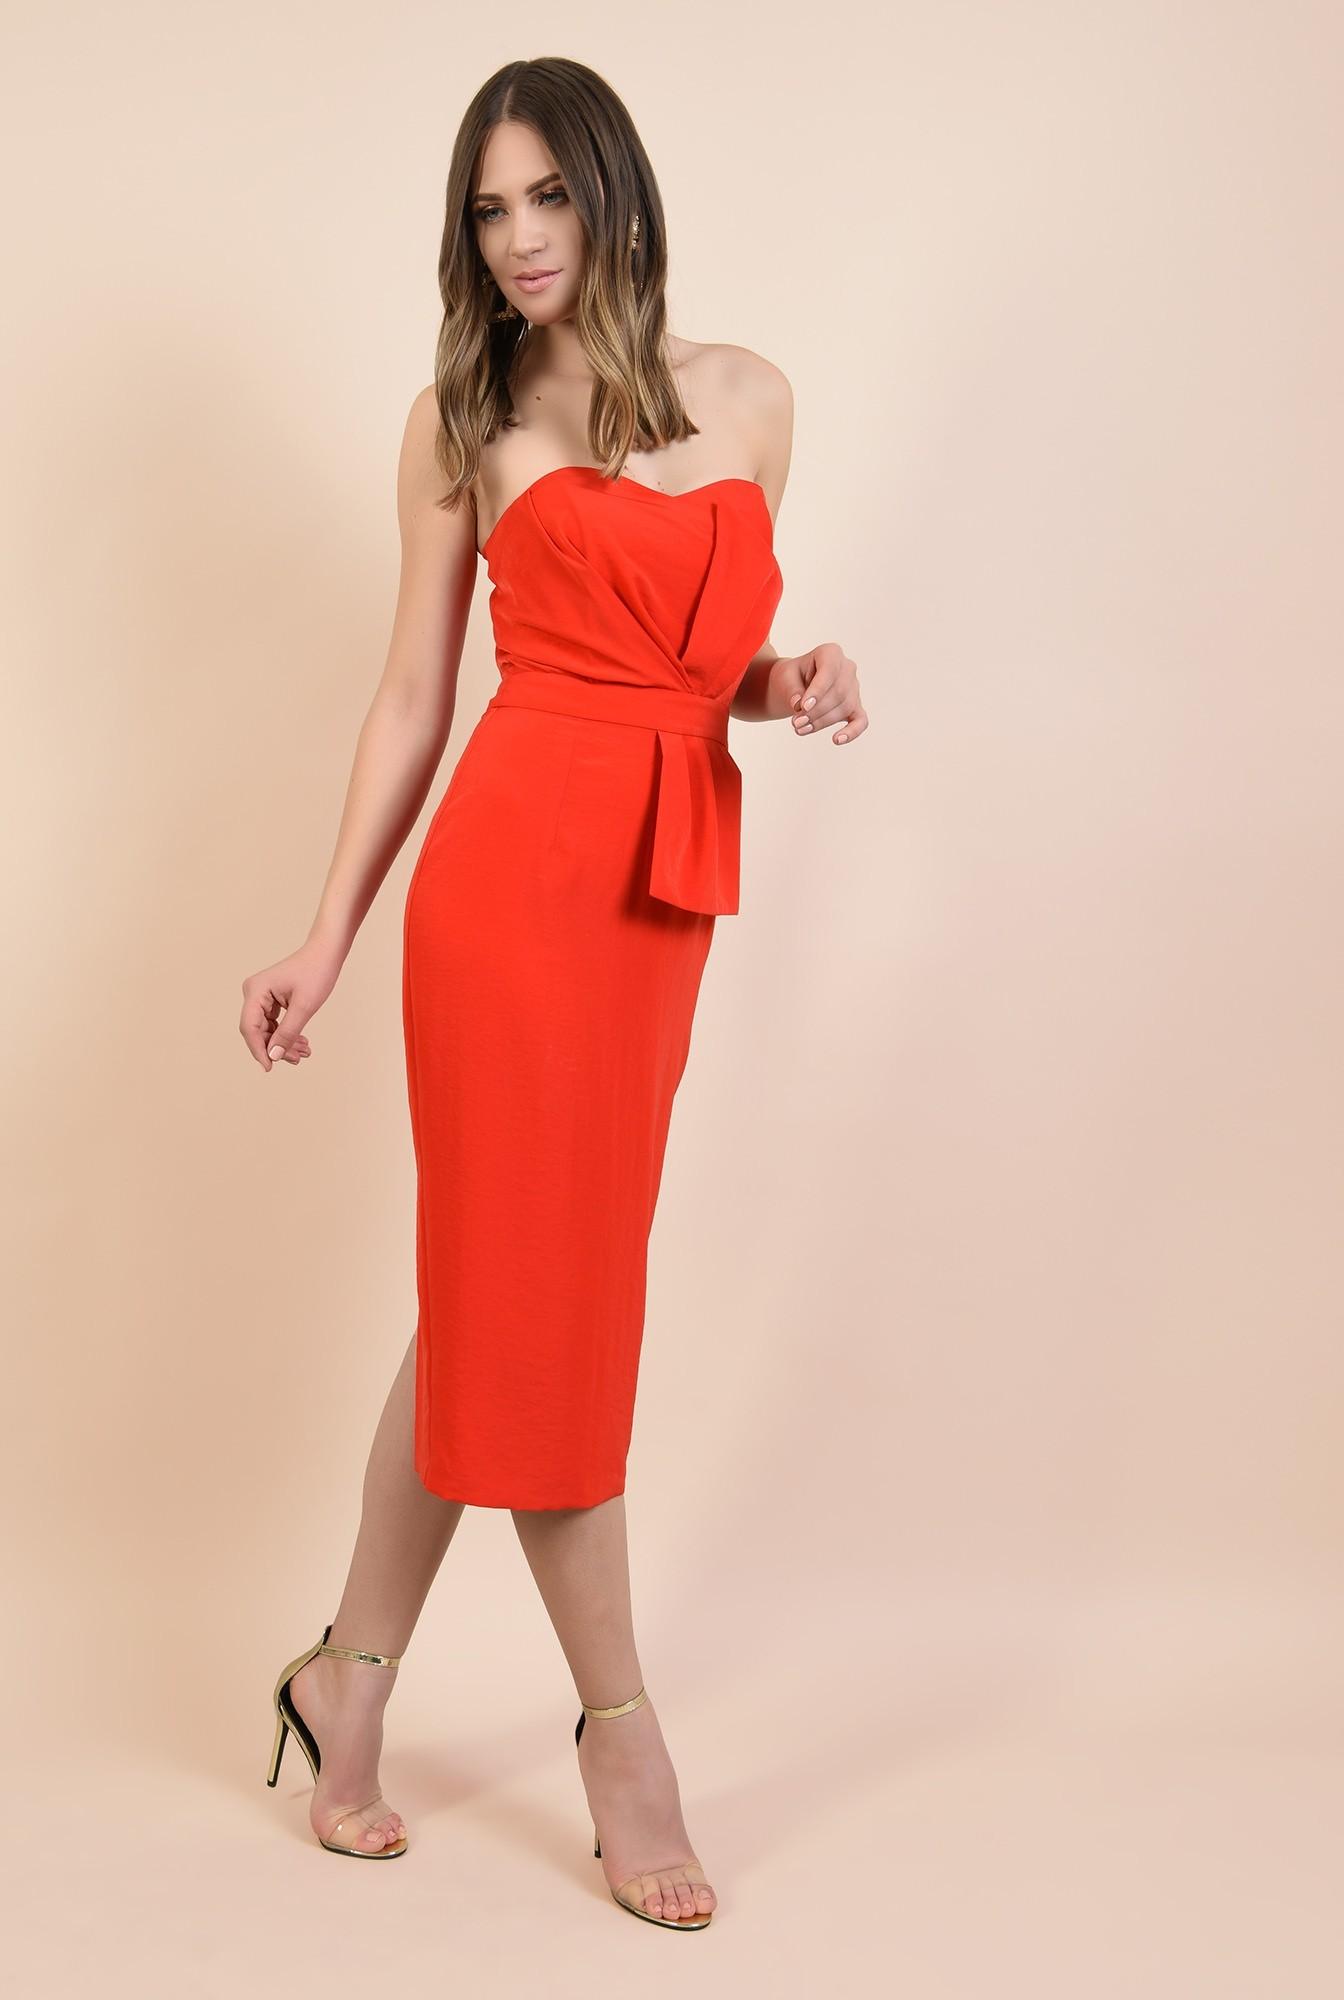 3 - rochie rosie, de ocazie, midi, conica, funda supradimensionata